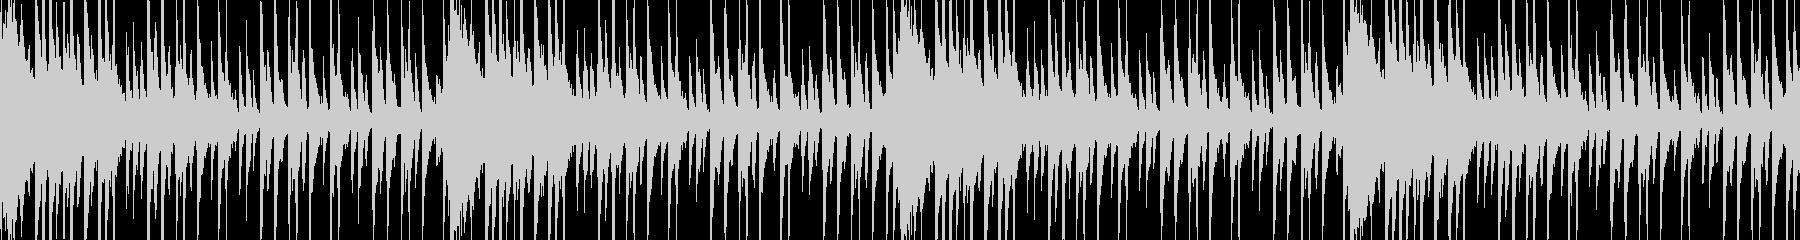 和風軽快なドラムのループBGMの未再生の波形